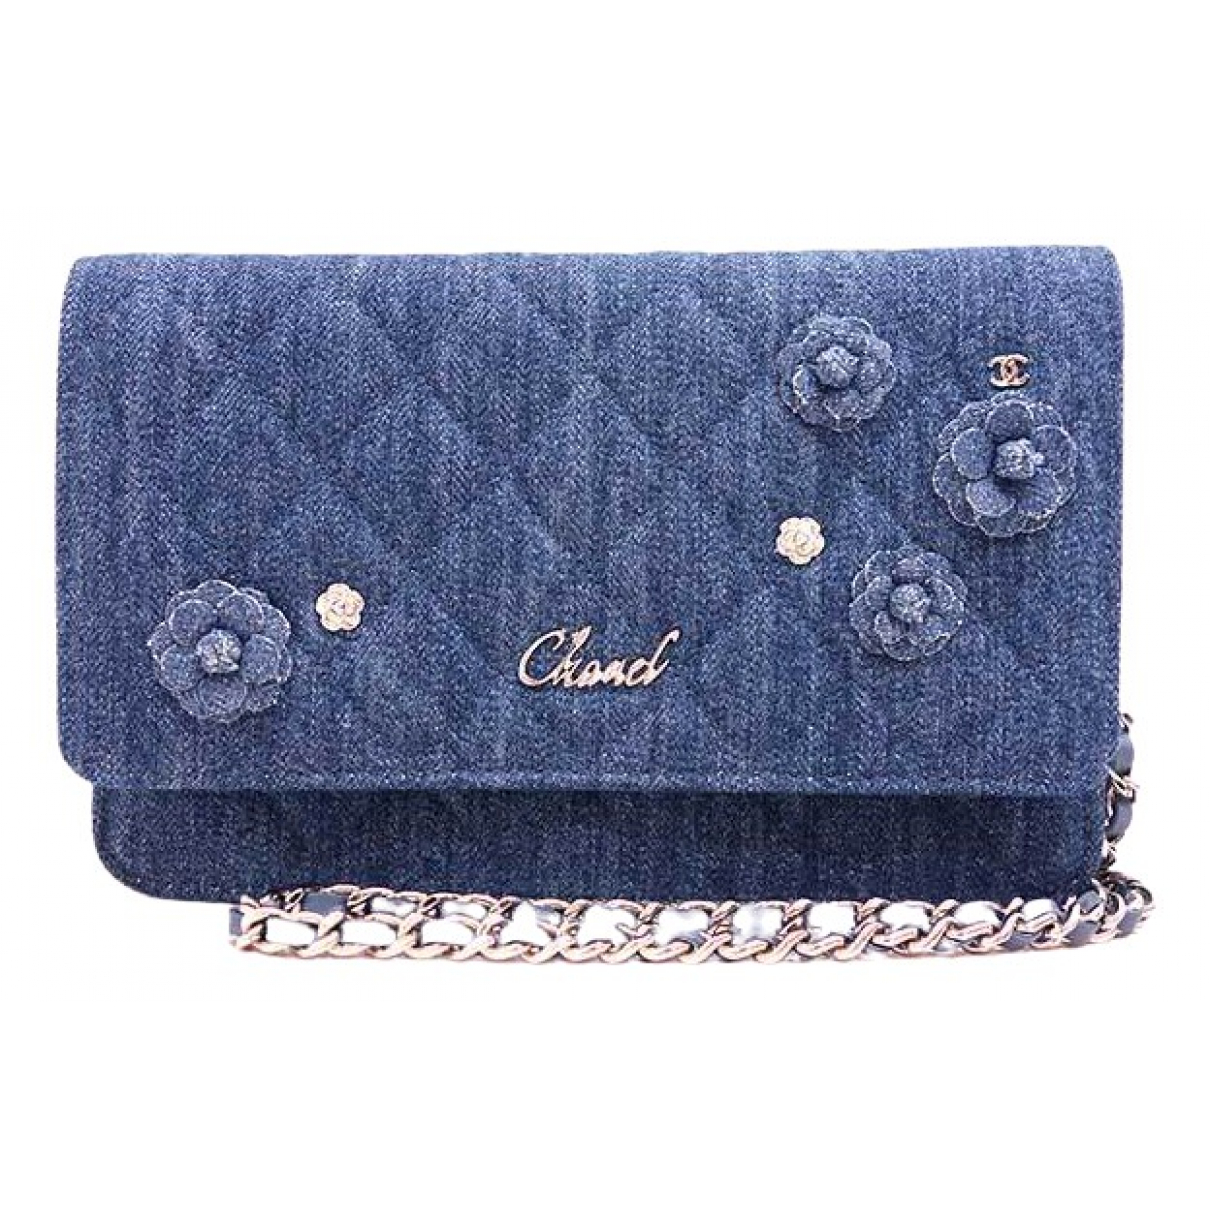 Chanel - Pochette Wallet on Chain pour femme en denim - bleu